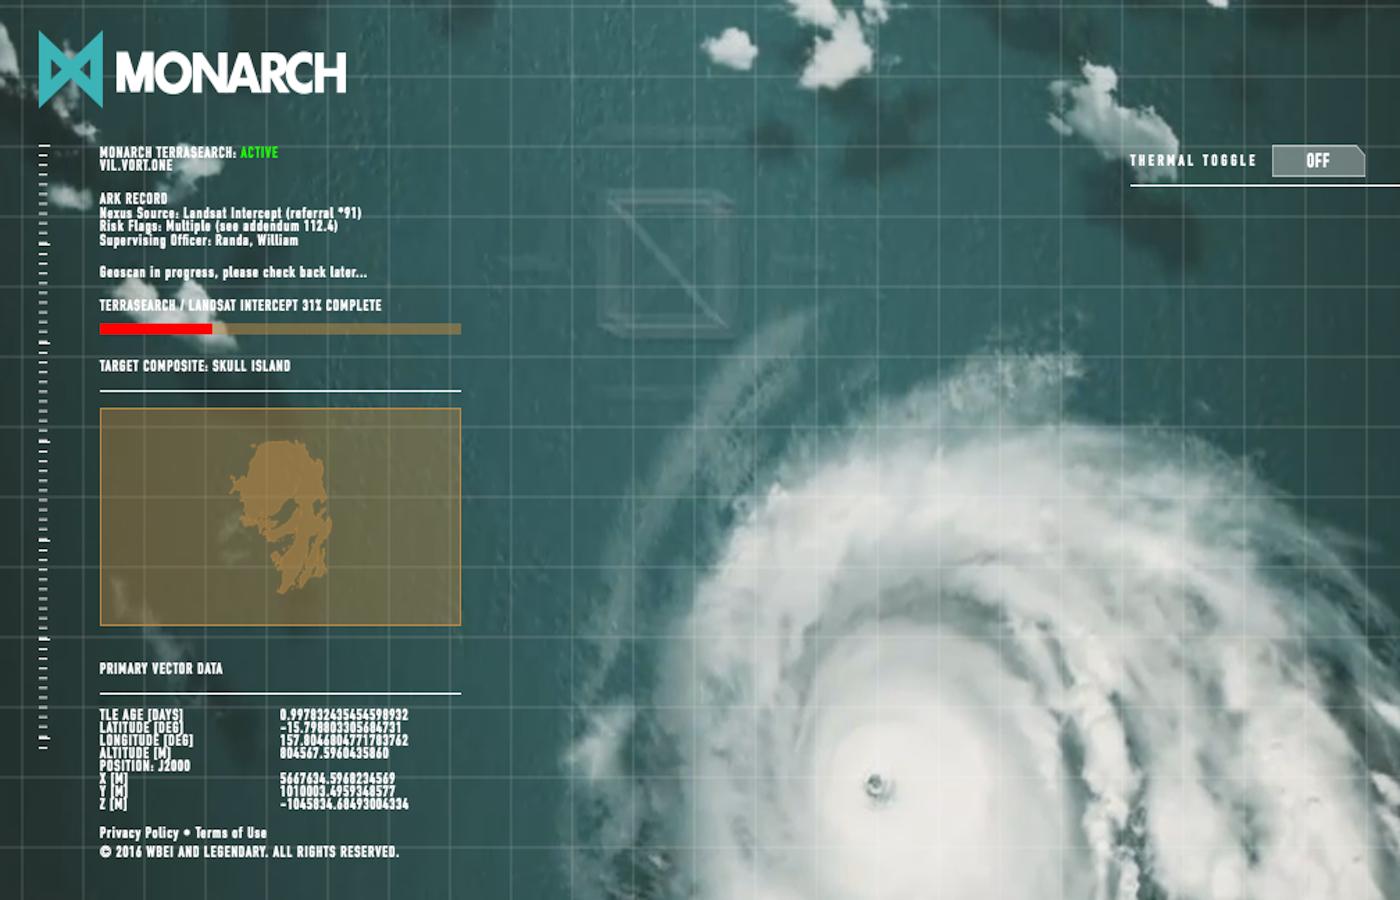 【コング:スカル・アイランド】秘密機関モナークによるドクロ島調査サイトが見つかる!!!